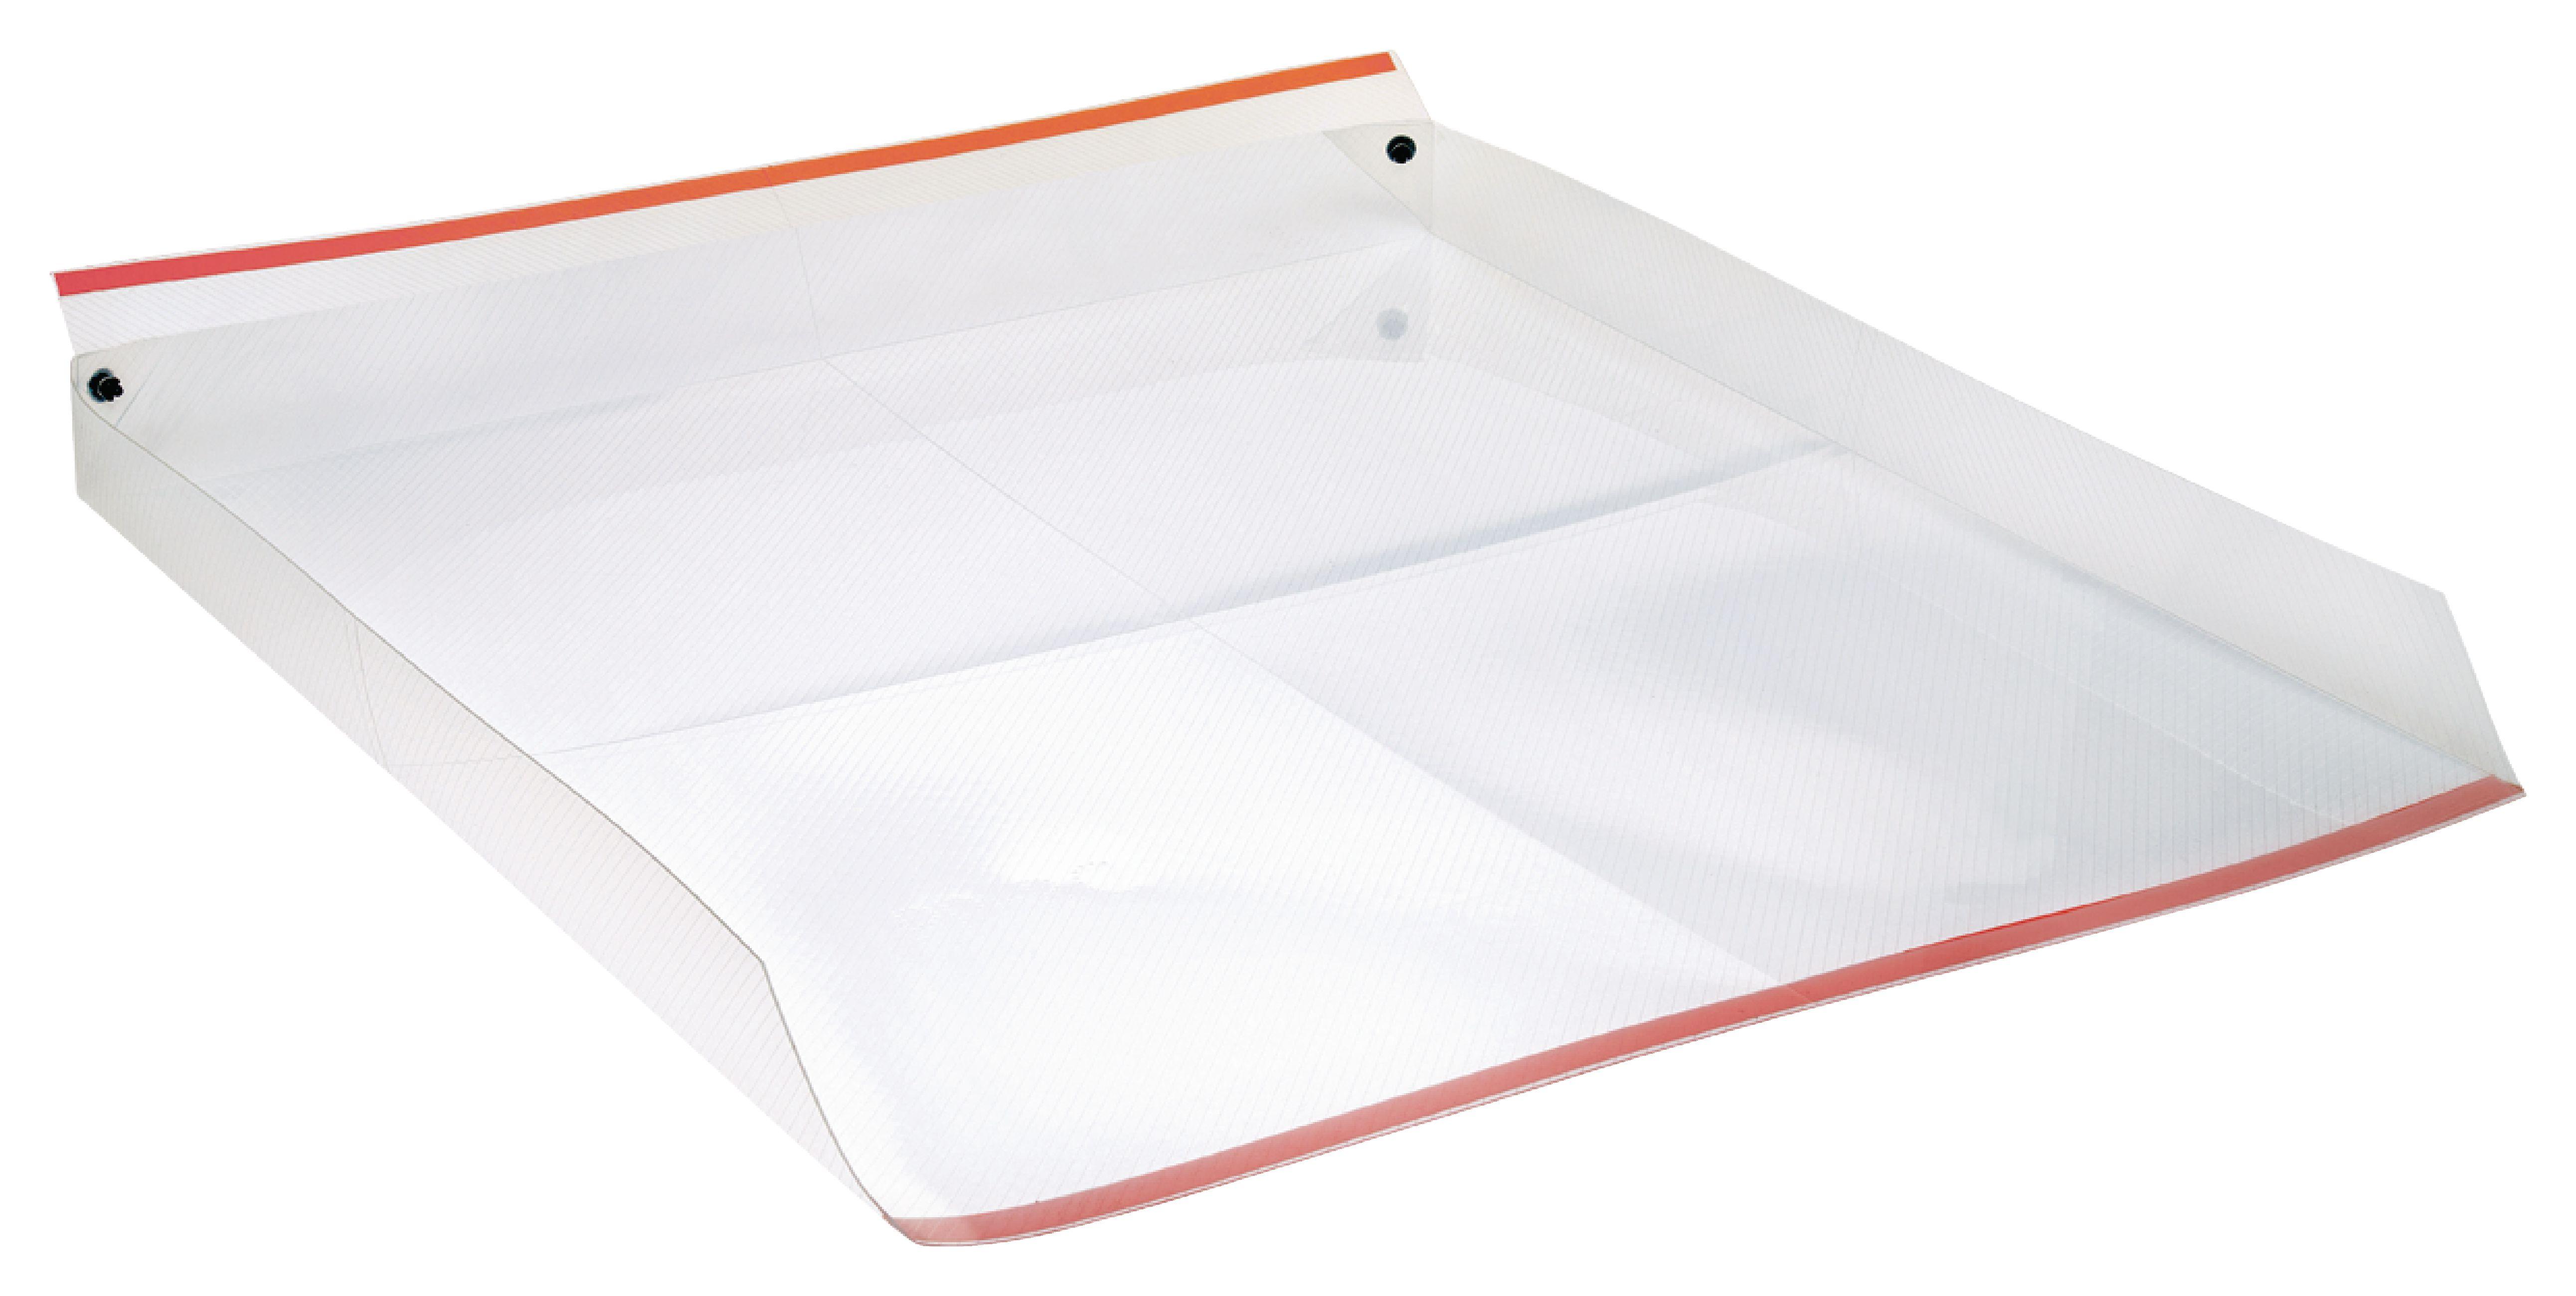 9029793321 electrolux plateau rammasse gouttes pour. Black Bedroom Furniture Sets. Home Design Ideas